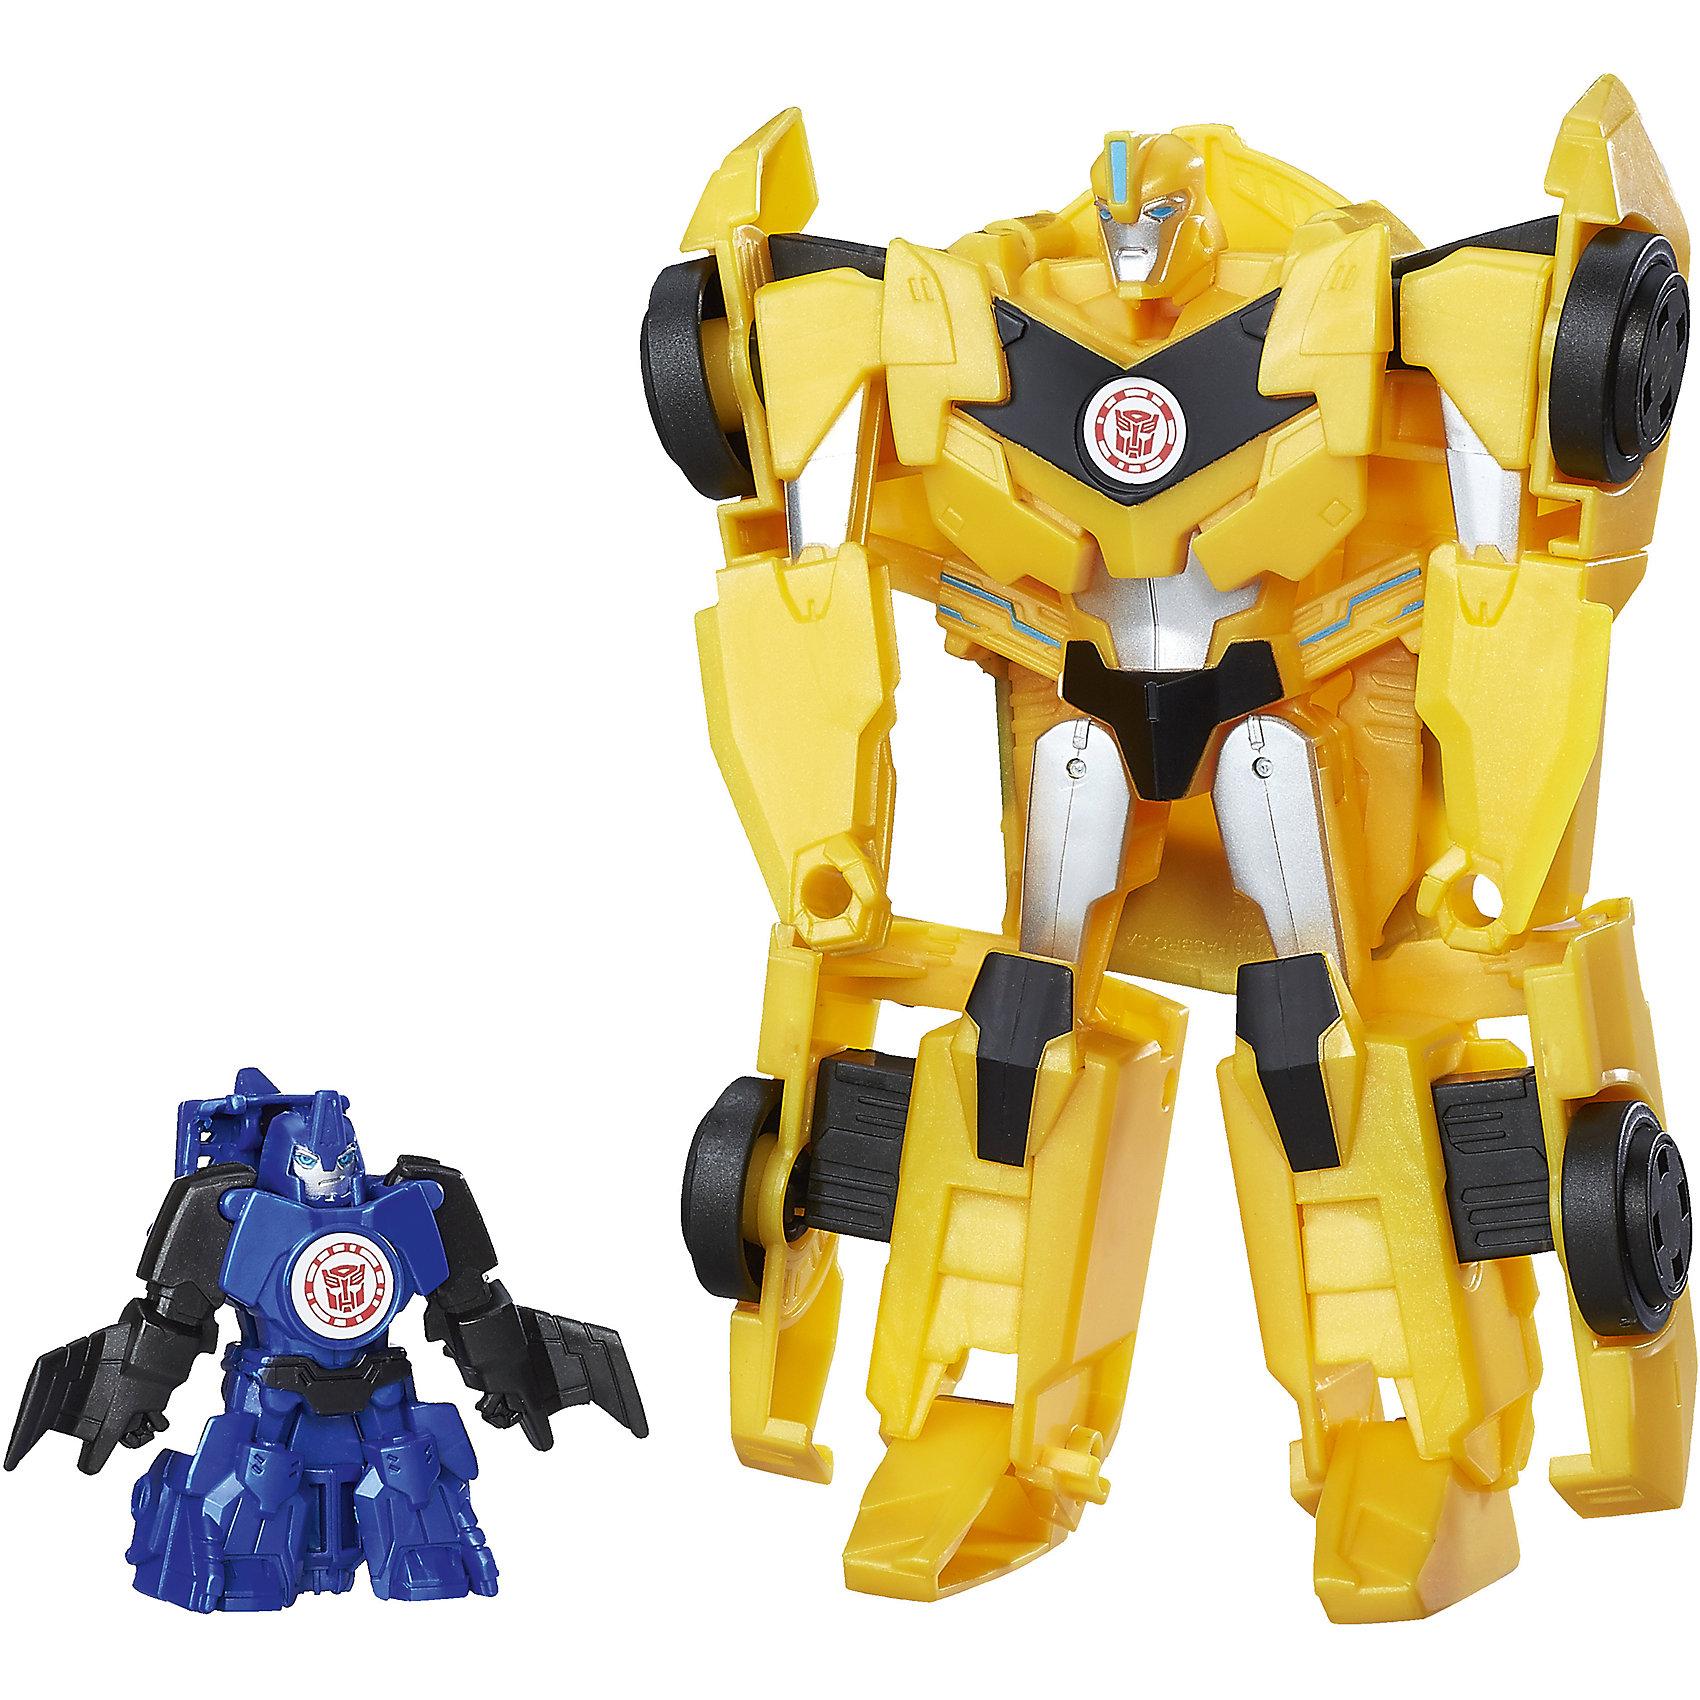 Роботы под прикрытием: Гирхэд-Комбайнер, Трансформеры, C0653/C0654Роботы под прикрытием: Гирхэд-Комбайнер, Трансформеры, C0653/C0654<br><br>Характеристики:<br><br>- в набор входит: трансформер, активатор<br>- состав: пластик<br>- для детей в возрасте: от 6 до 12 лет<br>- Страна производитель: Китай<br><br>Знаменитые роботы Трансформеры из серии Роботы под прикрытием от известного американского бренда товаров для детей Hasbro (Хасбро) придут по вкусу всем фанатам роботов, машин и фильмов Трансформеры. В сложенном виде робот выглядит как обычная машинка, на крышу присоединяется собранный активатор-трансформер. Машинка отлично ездит и хорошо детализирована. Машинку легко разложить во внушительного робота, защищающего людей. Робот двигает руками и ногами, небольшой активатор тоже раскладывается в мини-робота с лицом и руками. Вместе с установленным мини-роботом трансформер работает в особом секретном режиме. Соберите всех трансформеров из серии Роботы под прикрытием и никогда с ними не расставайтесь! Набор отлично подойдет как для игры дома, так и для игр в поездке. Все детали изготовлены из высококачественного пластика. Играя с этим набором ребенок сможет развивать социальные навыки, развивать воображение и творческие способности. <br><br>Игрушку Роботы под прикрытием: Гирхэд-Комбайнер, Трансформеры, C0653/C0654 можно купить в нашем интернет-магазине.<br><br>Ширина мм: 60<br>Глубина мм: 229<br>Высота мм: 203<br>Вес г: 285<br>Возраст от месяцев: 72<br>Возраст до месяцев: 192<br>Пол: Мужской<br>Возраст: Детский<br>SKU: 5385791